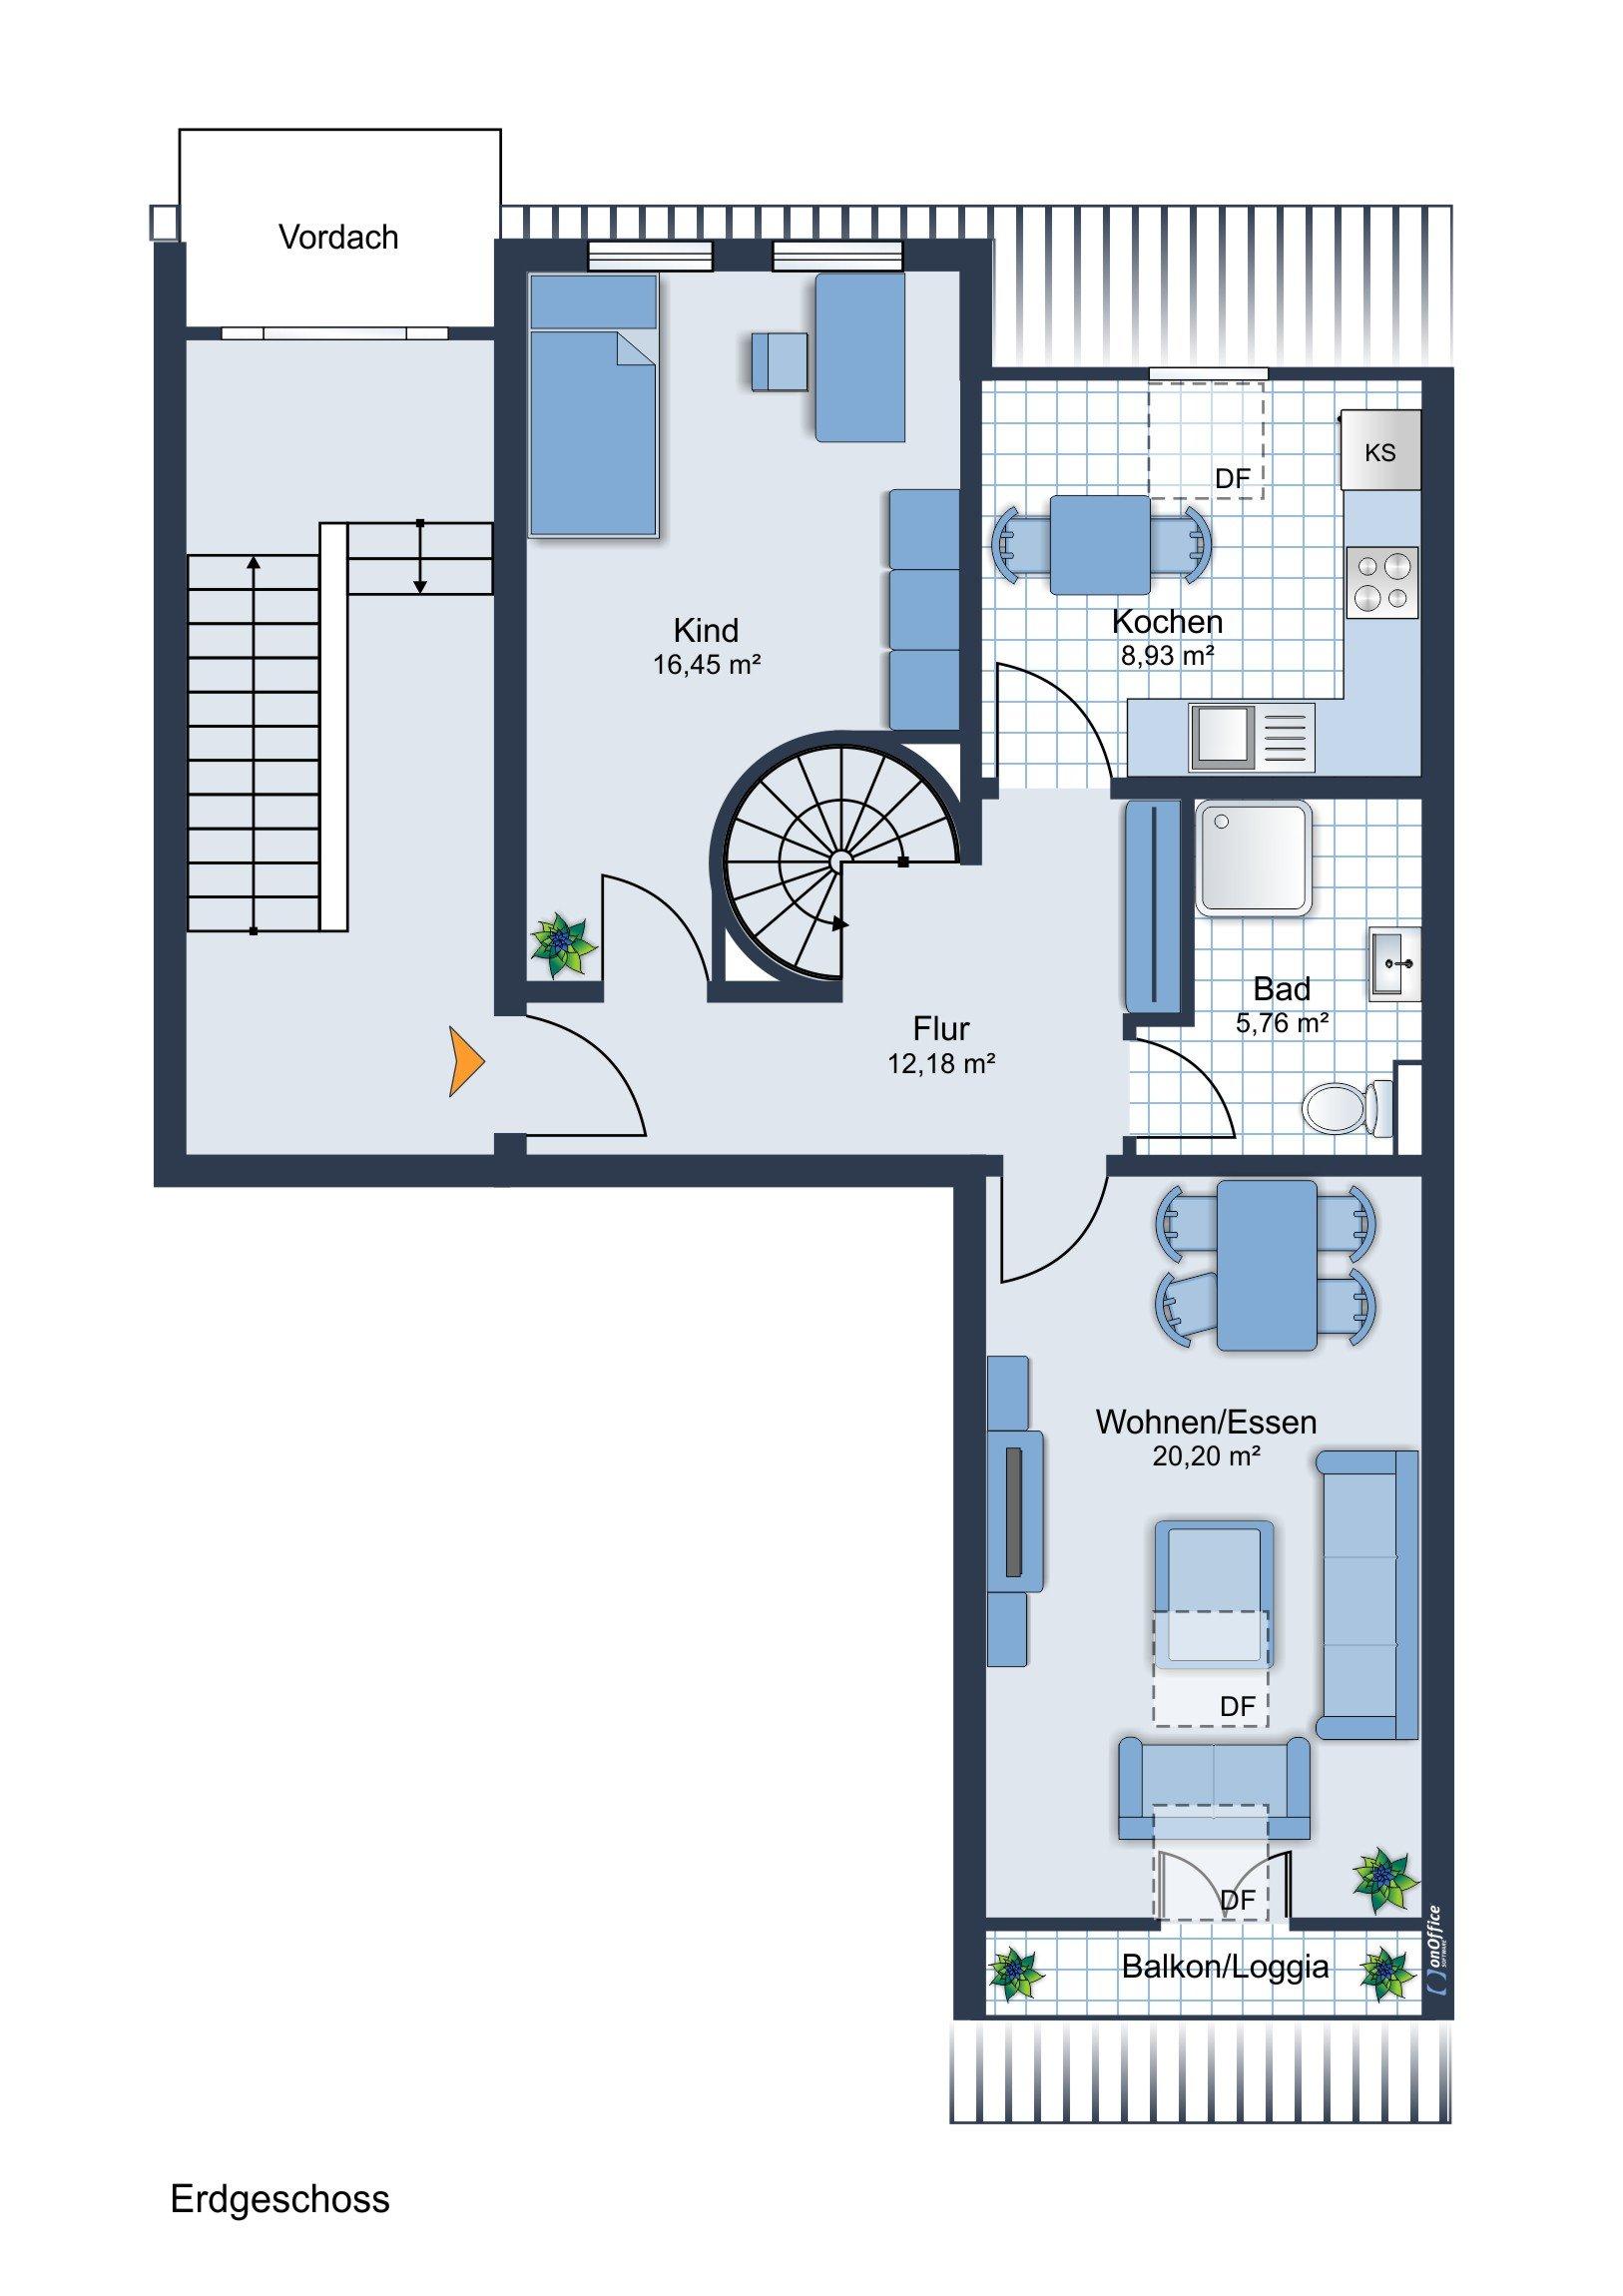 Möbliervorschlag 1. Ebene